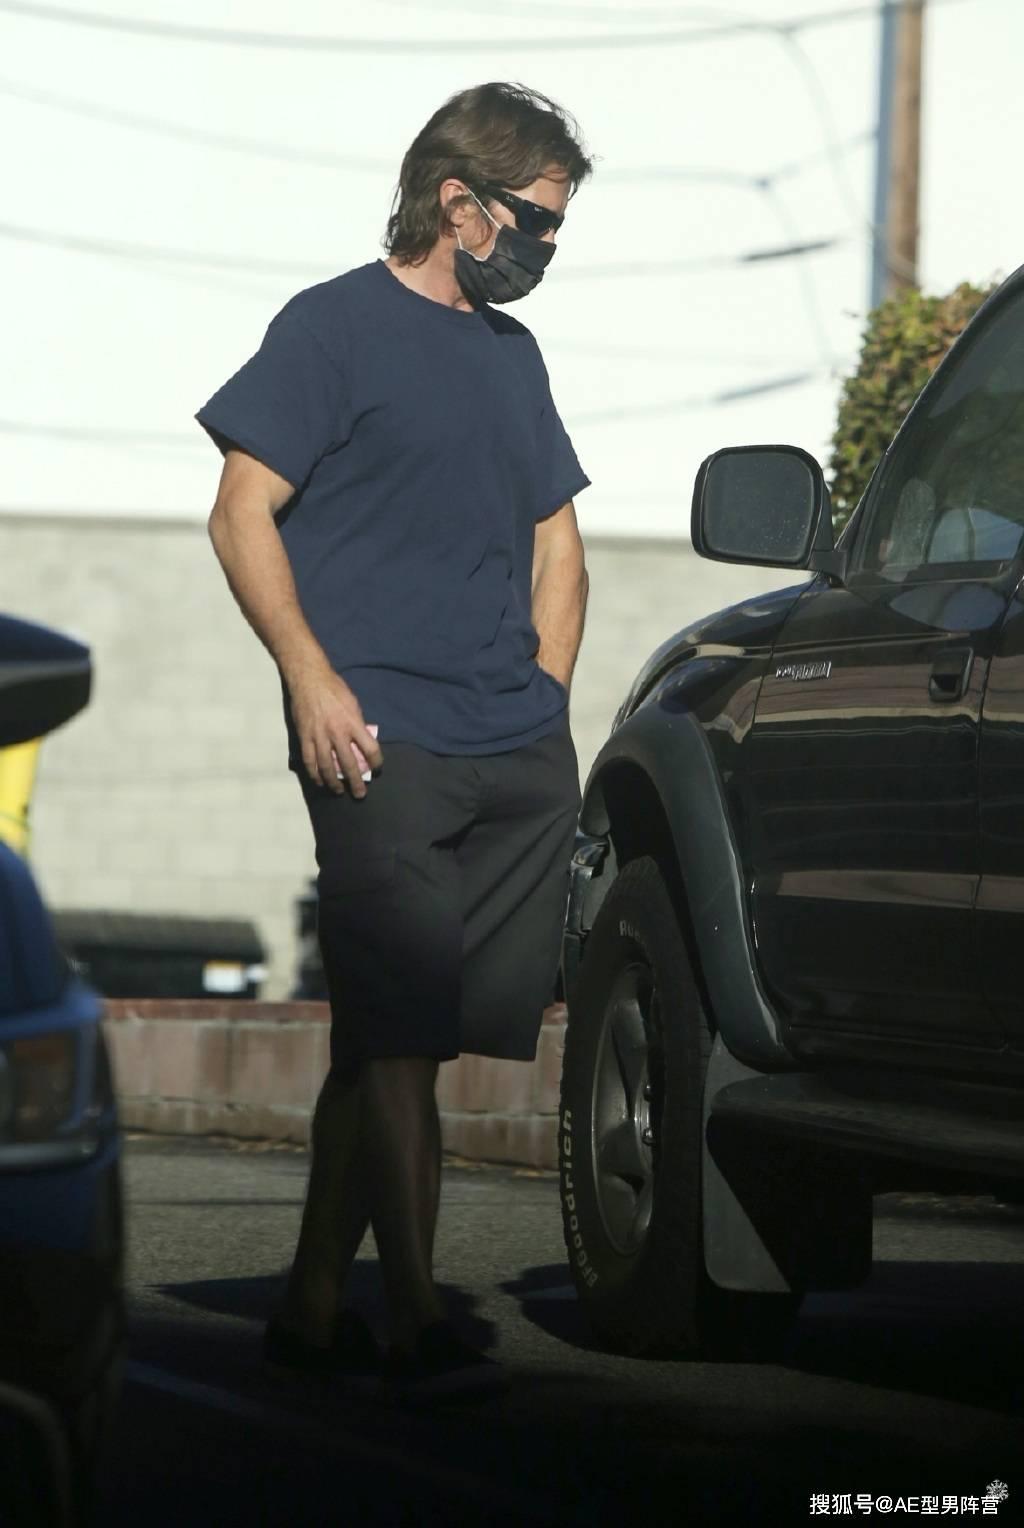 46岁克里斯蒂安·贝尔现身陌头!6个月没见了,型男身体照旧抢眼(图9)